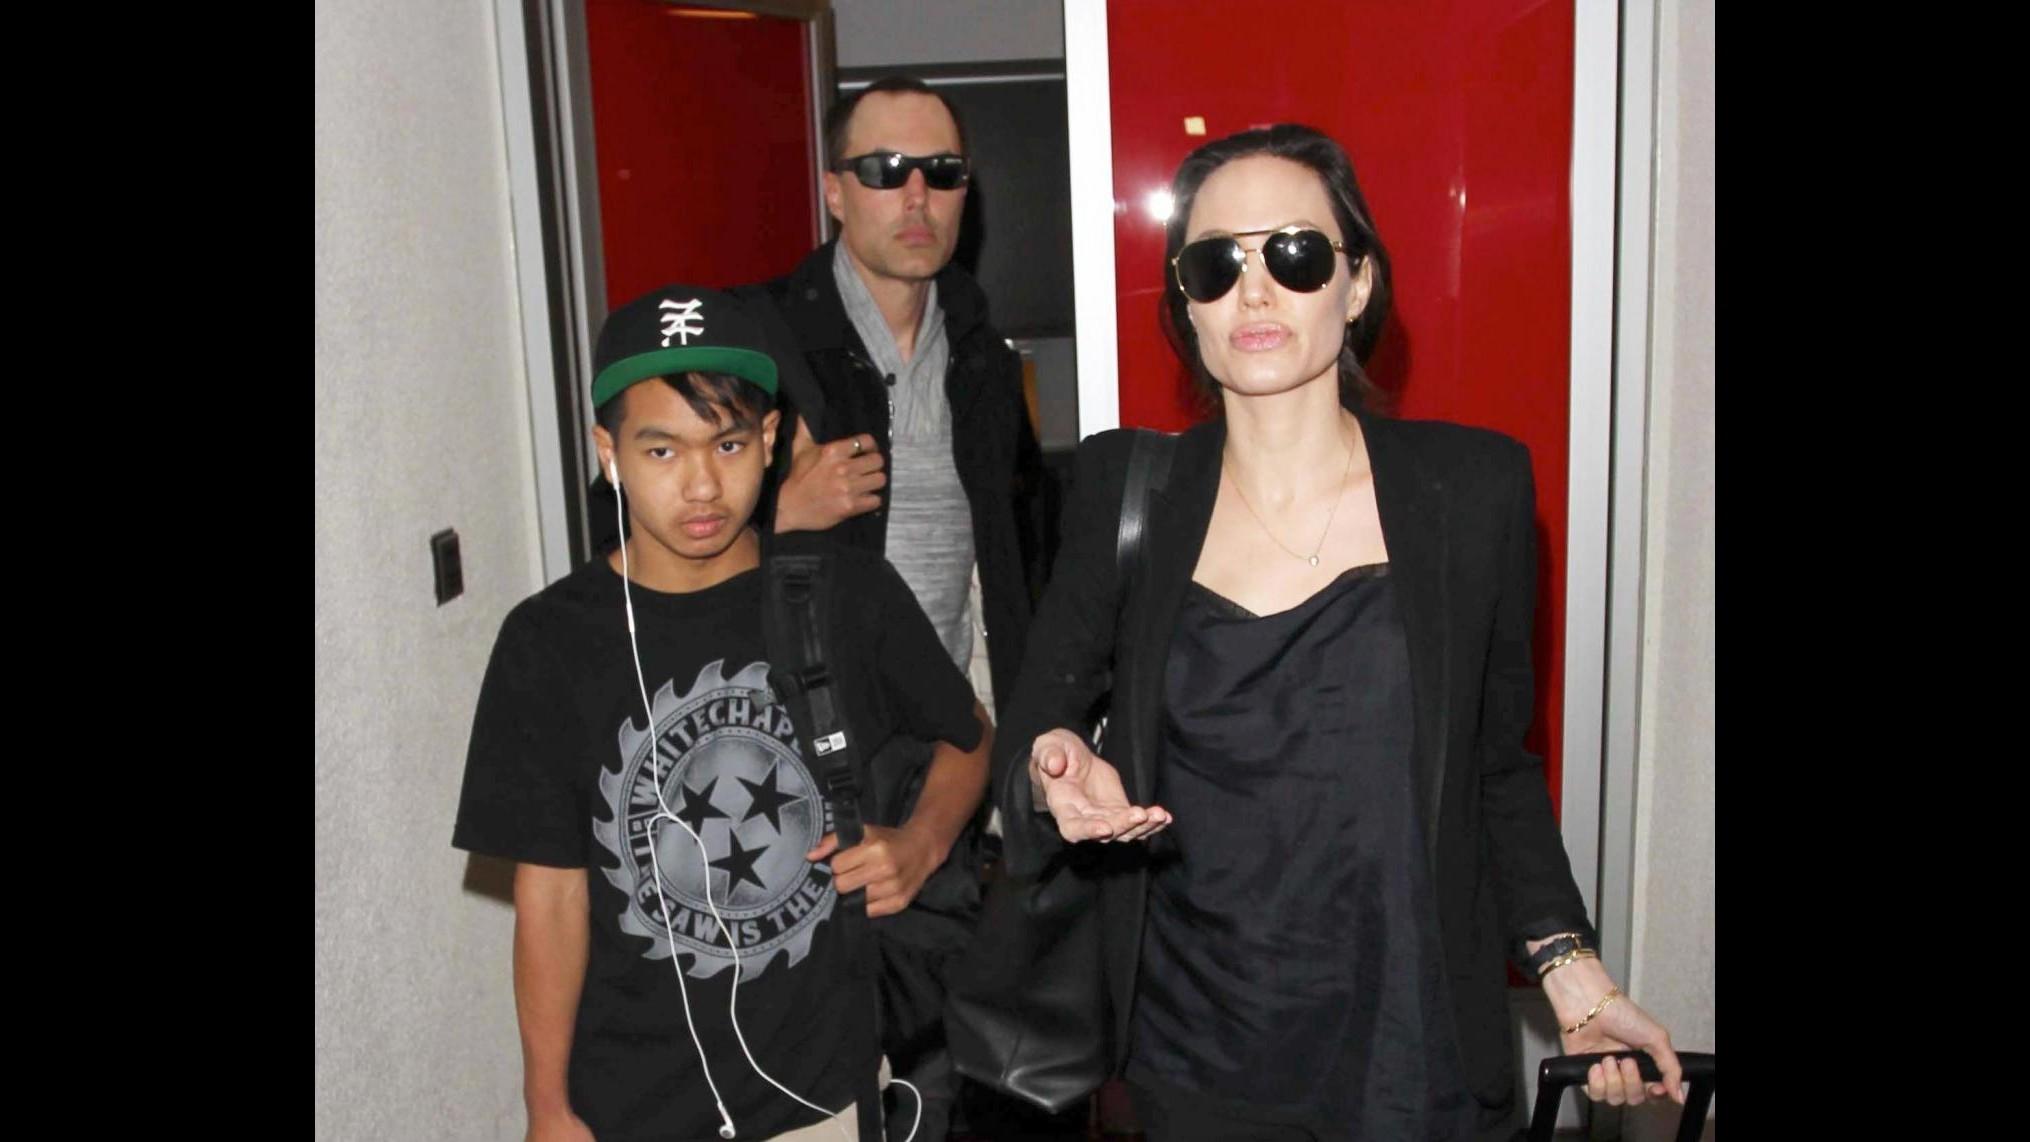 Jolie torna a Los Angeles dopo discorso a Onu,con lei il figlio Maddox